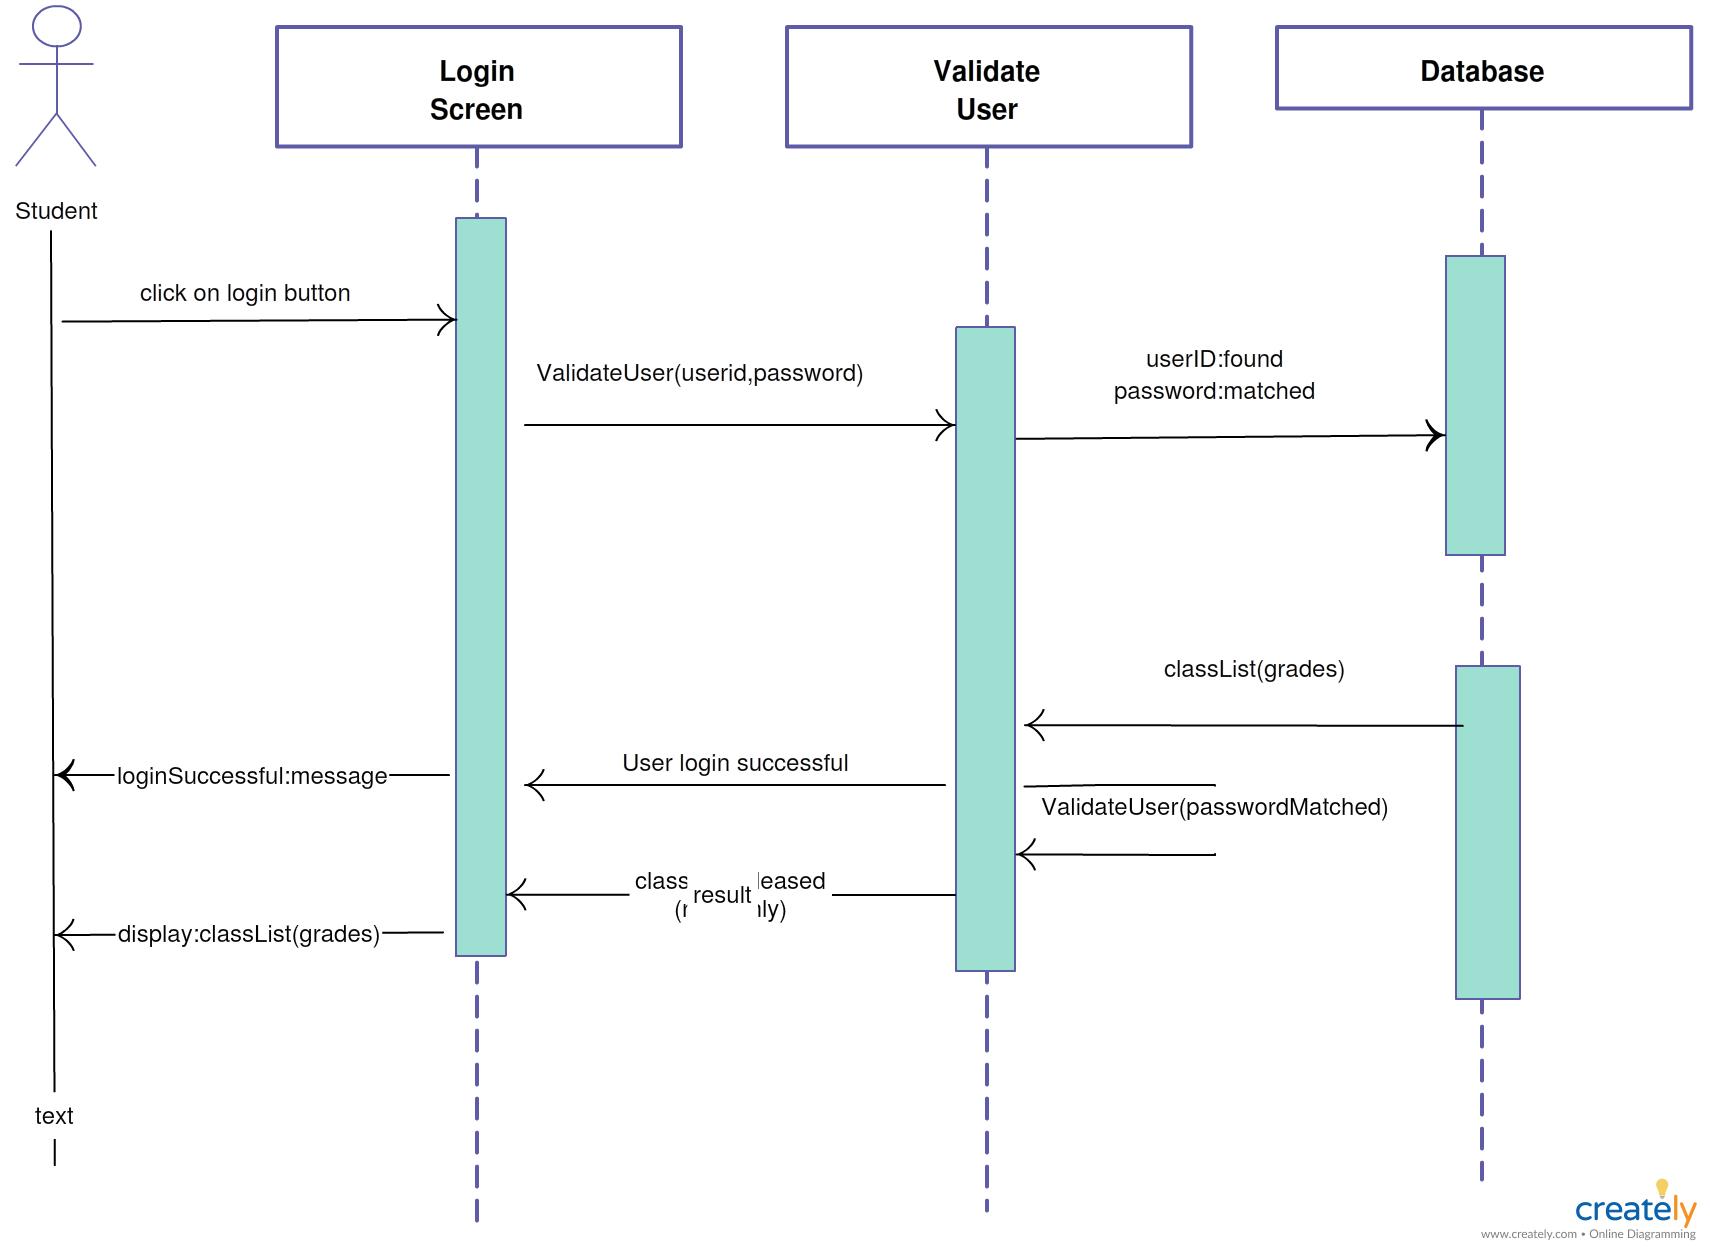 La Plantilla Muestra Un Diagrama De Secuencia De Inicio De Sesion Para Estudiantes En Creately Esta Disponible Esta Sequence Diagram Activity Diagram Diagram